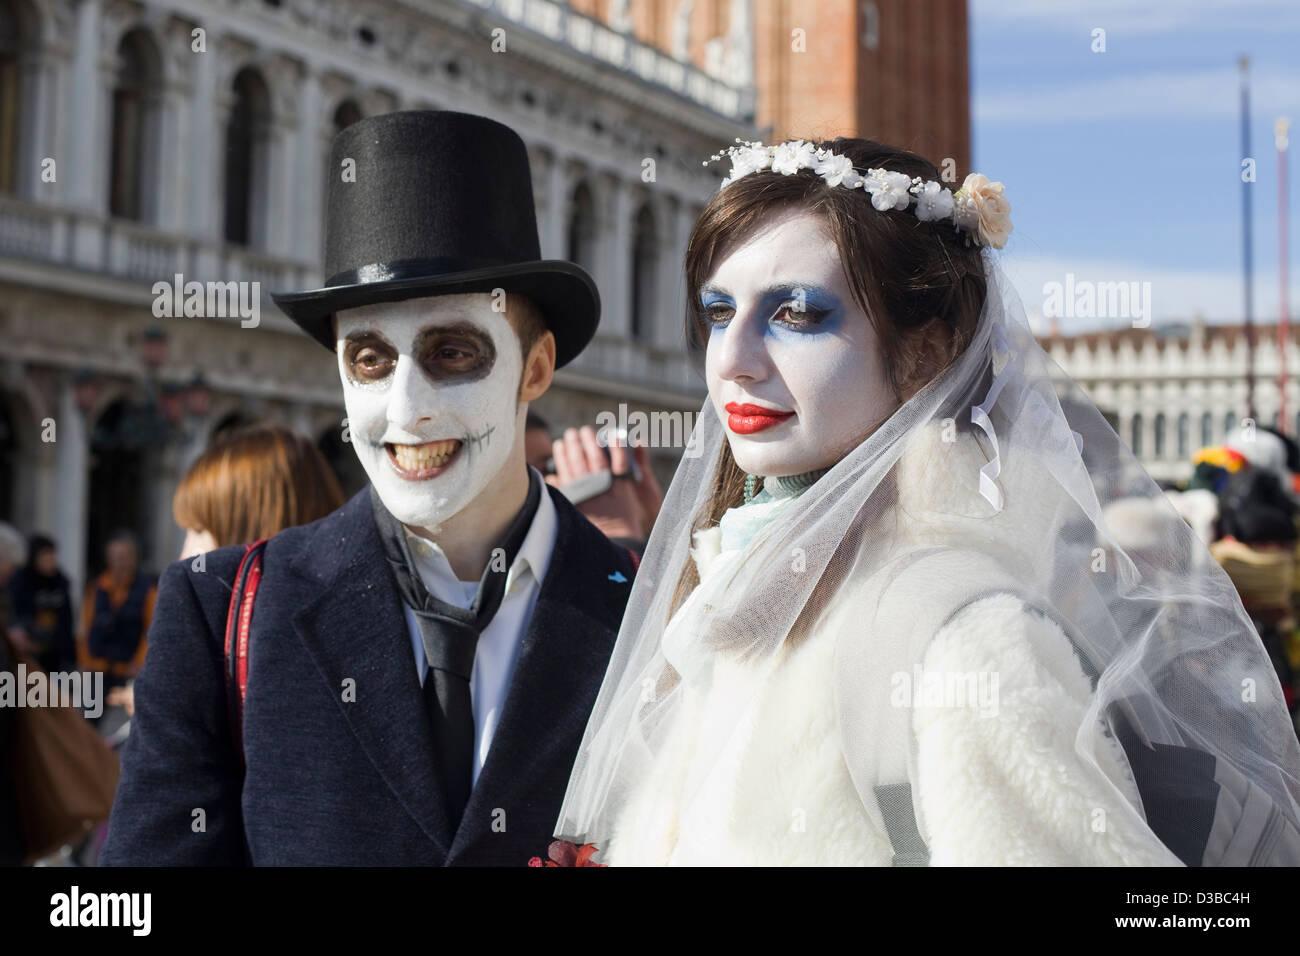 Sposa e lo sposo in costume per il Carnevale di Venezia Venezia Italia Immagini Stock